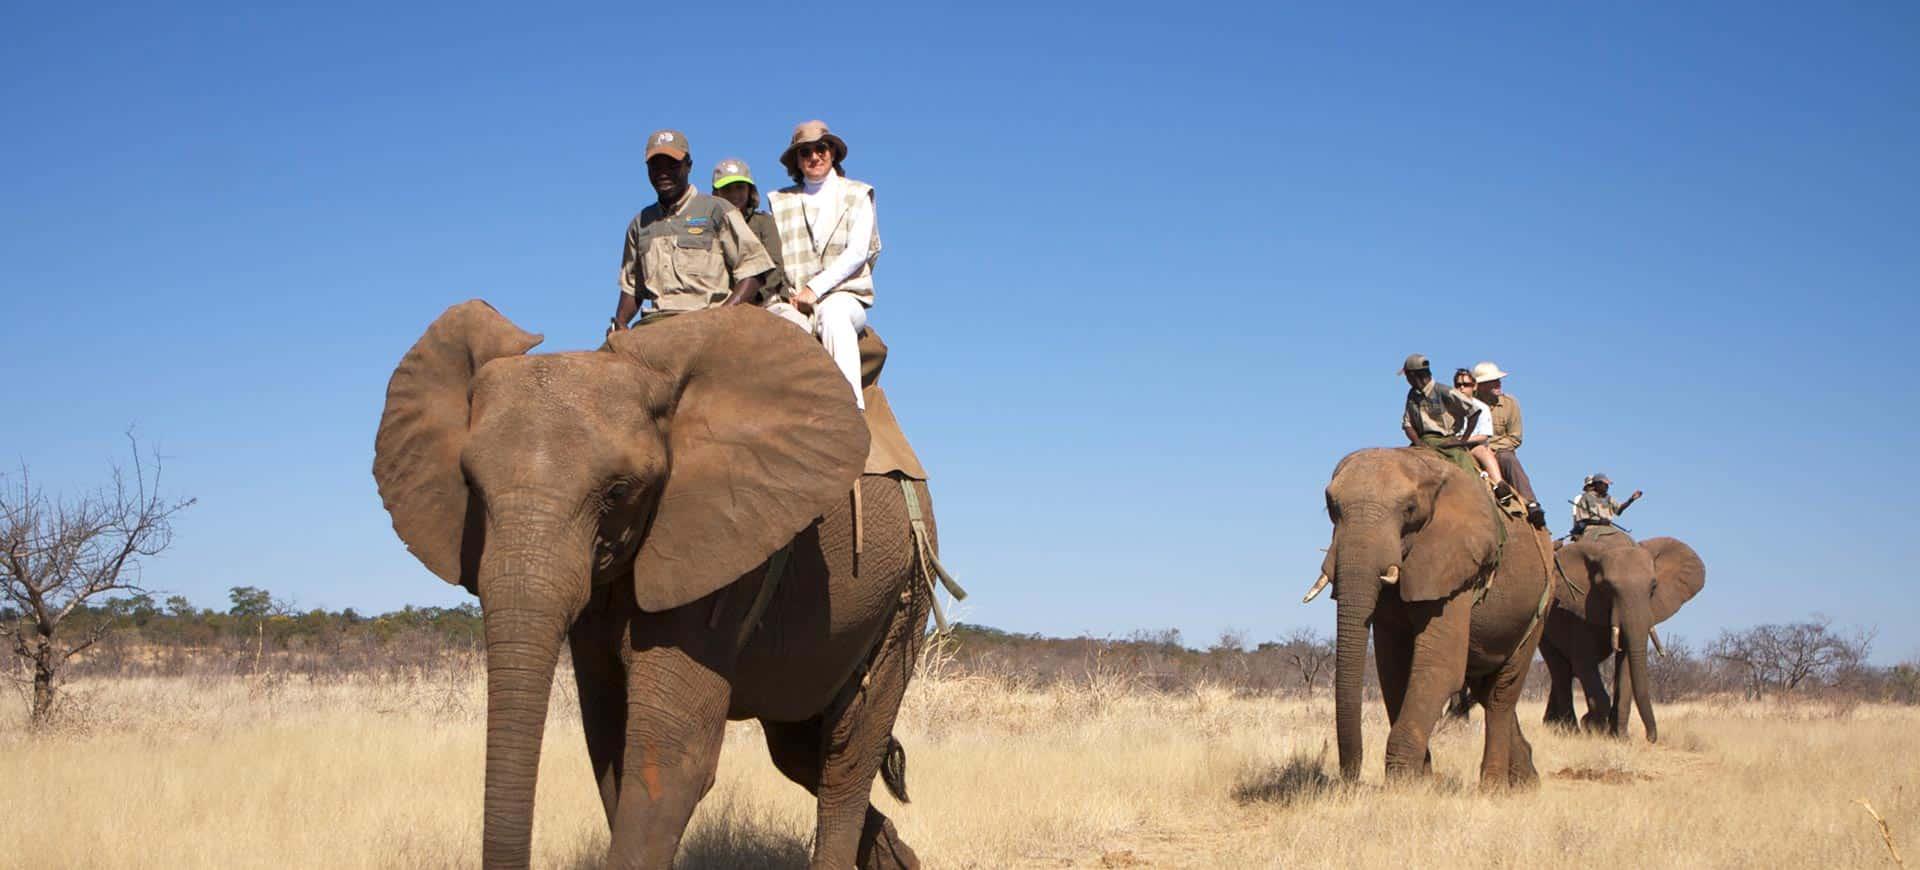 Elephant Back Safari Victoria Falls